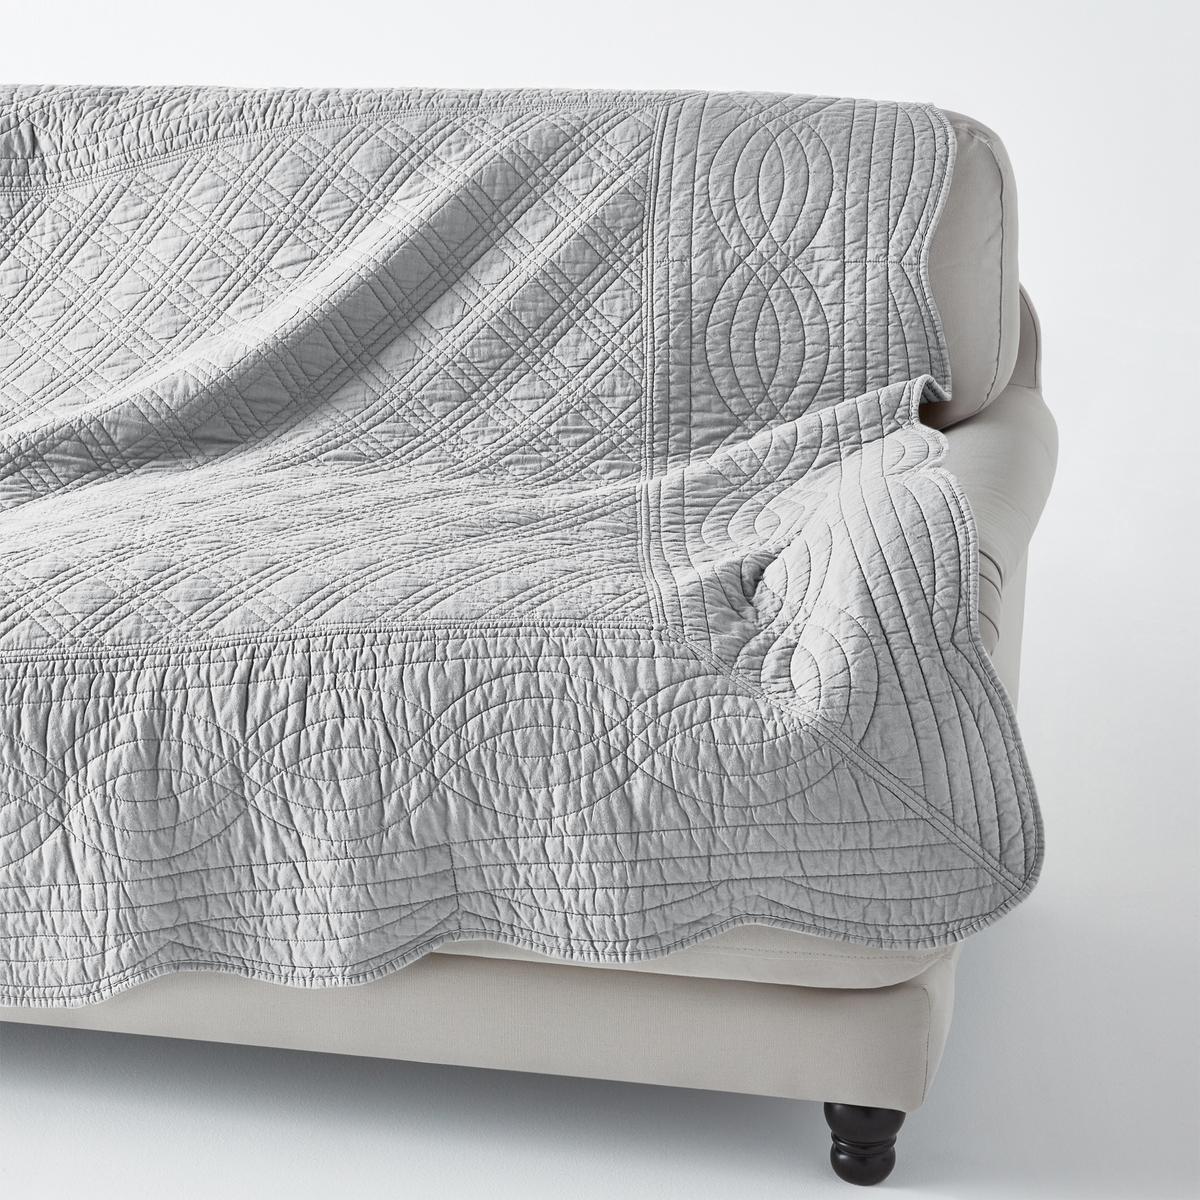 Покрывало стеганоеКачество VALEUR S?RE за качество материалов и тщательную отделку. 100% хлопка. Ручная работа, рельефная стежка, современная цветовая гамма. Наполнитель из 100% хлопка (250 г/м?). Волнистые края. Украсит кровать, кресло, диван… Стирка при 40°. Превосходная<br><br>Цвет: Cиний,серый жемчужный